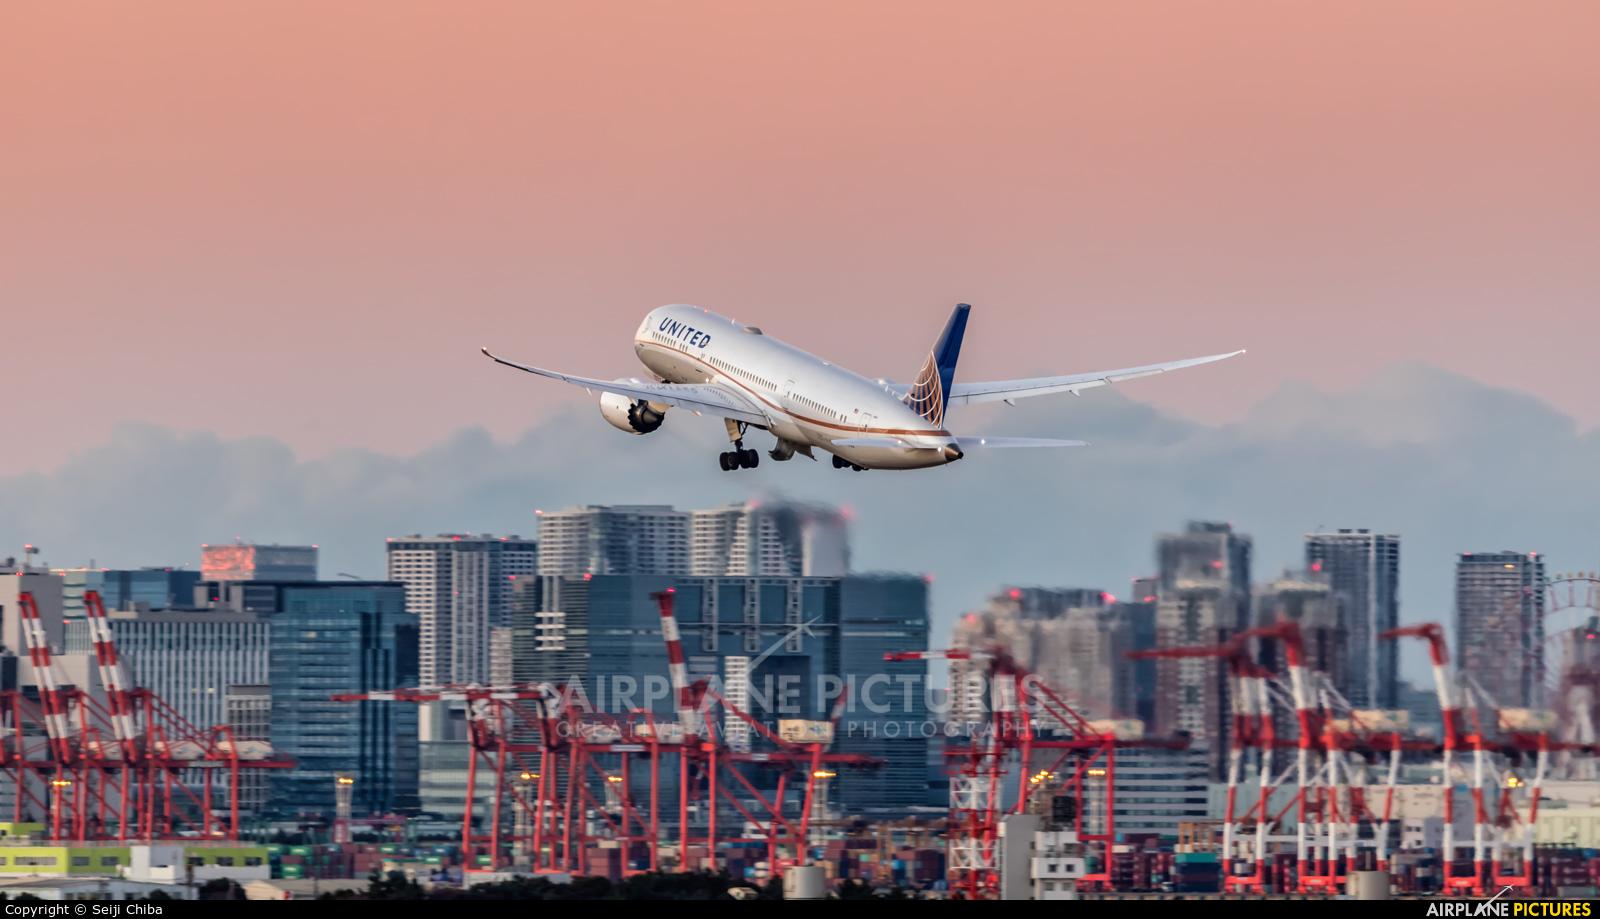 United Airlines N38955 aircraft at Tokyo - Haneda Intl